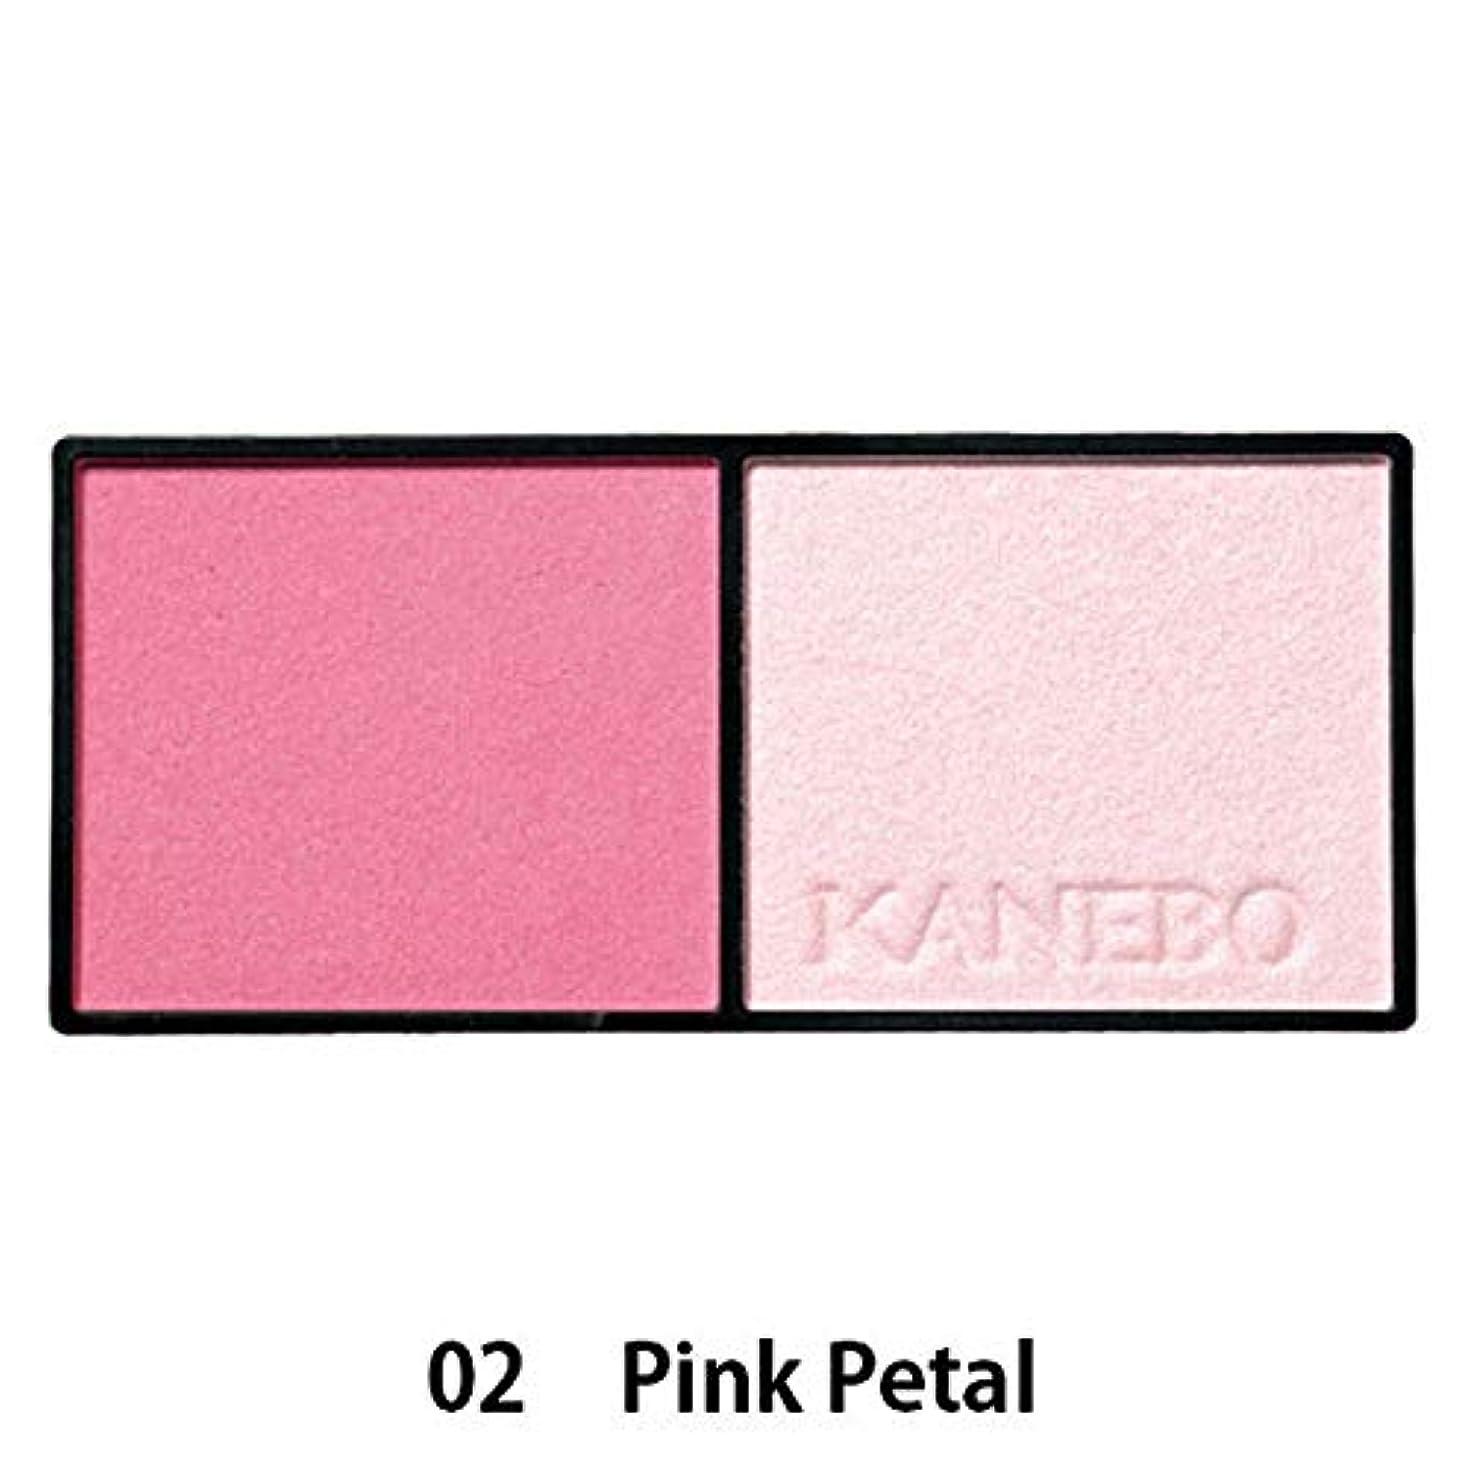 勤勉な遮る養うKANEBO(カネボウ) カネボウ ヴァリアンブラッセ(チークス) 02 Pink Petal チーク